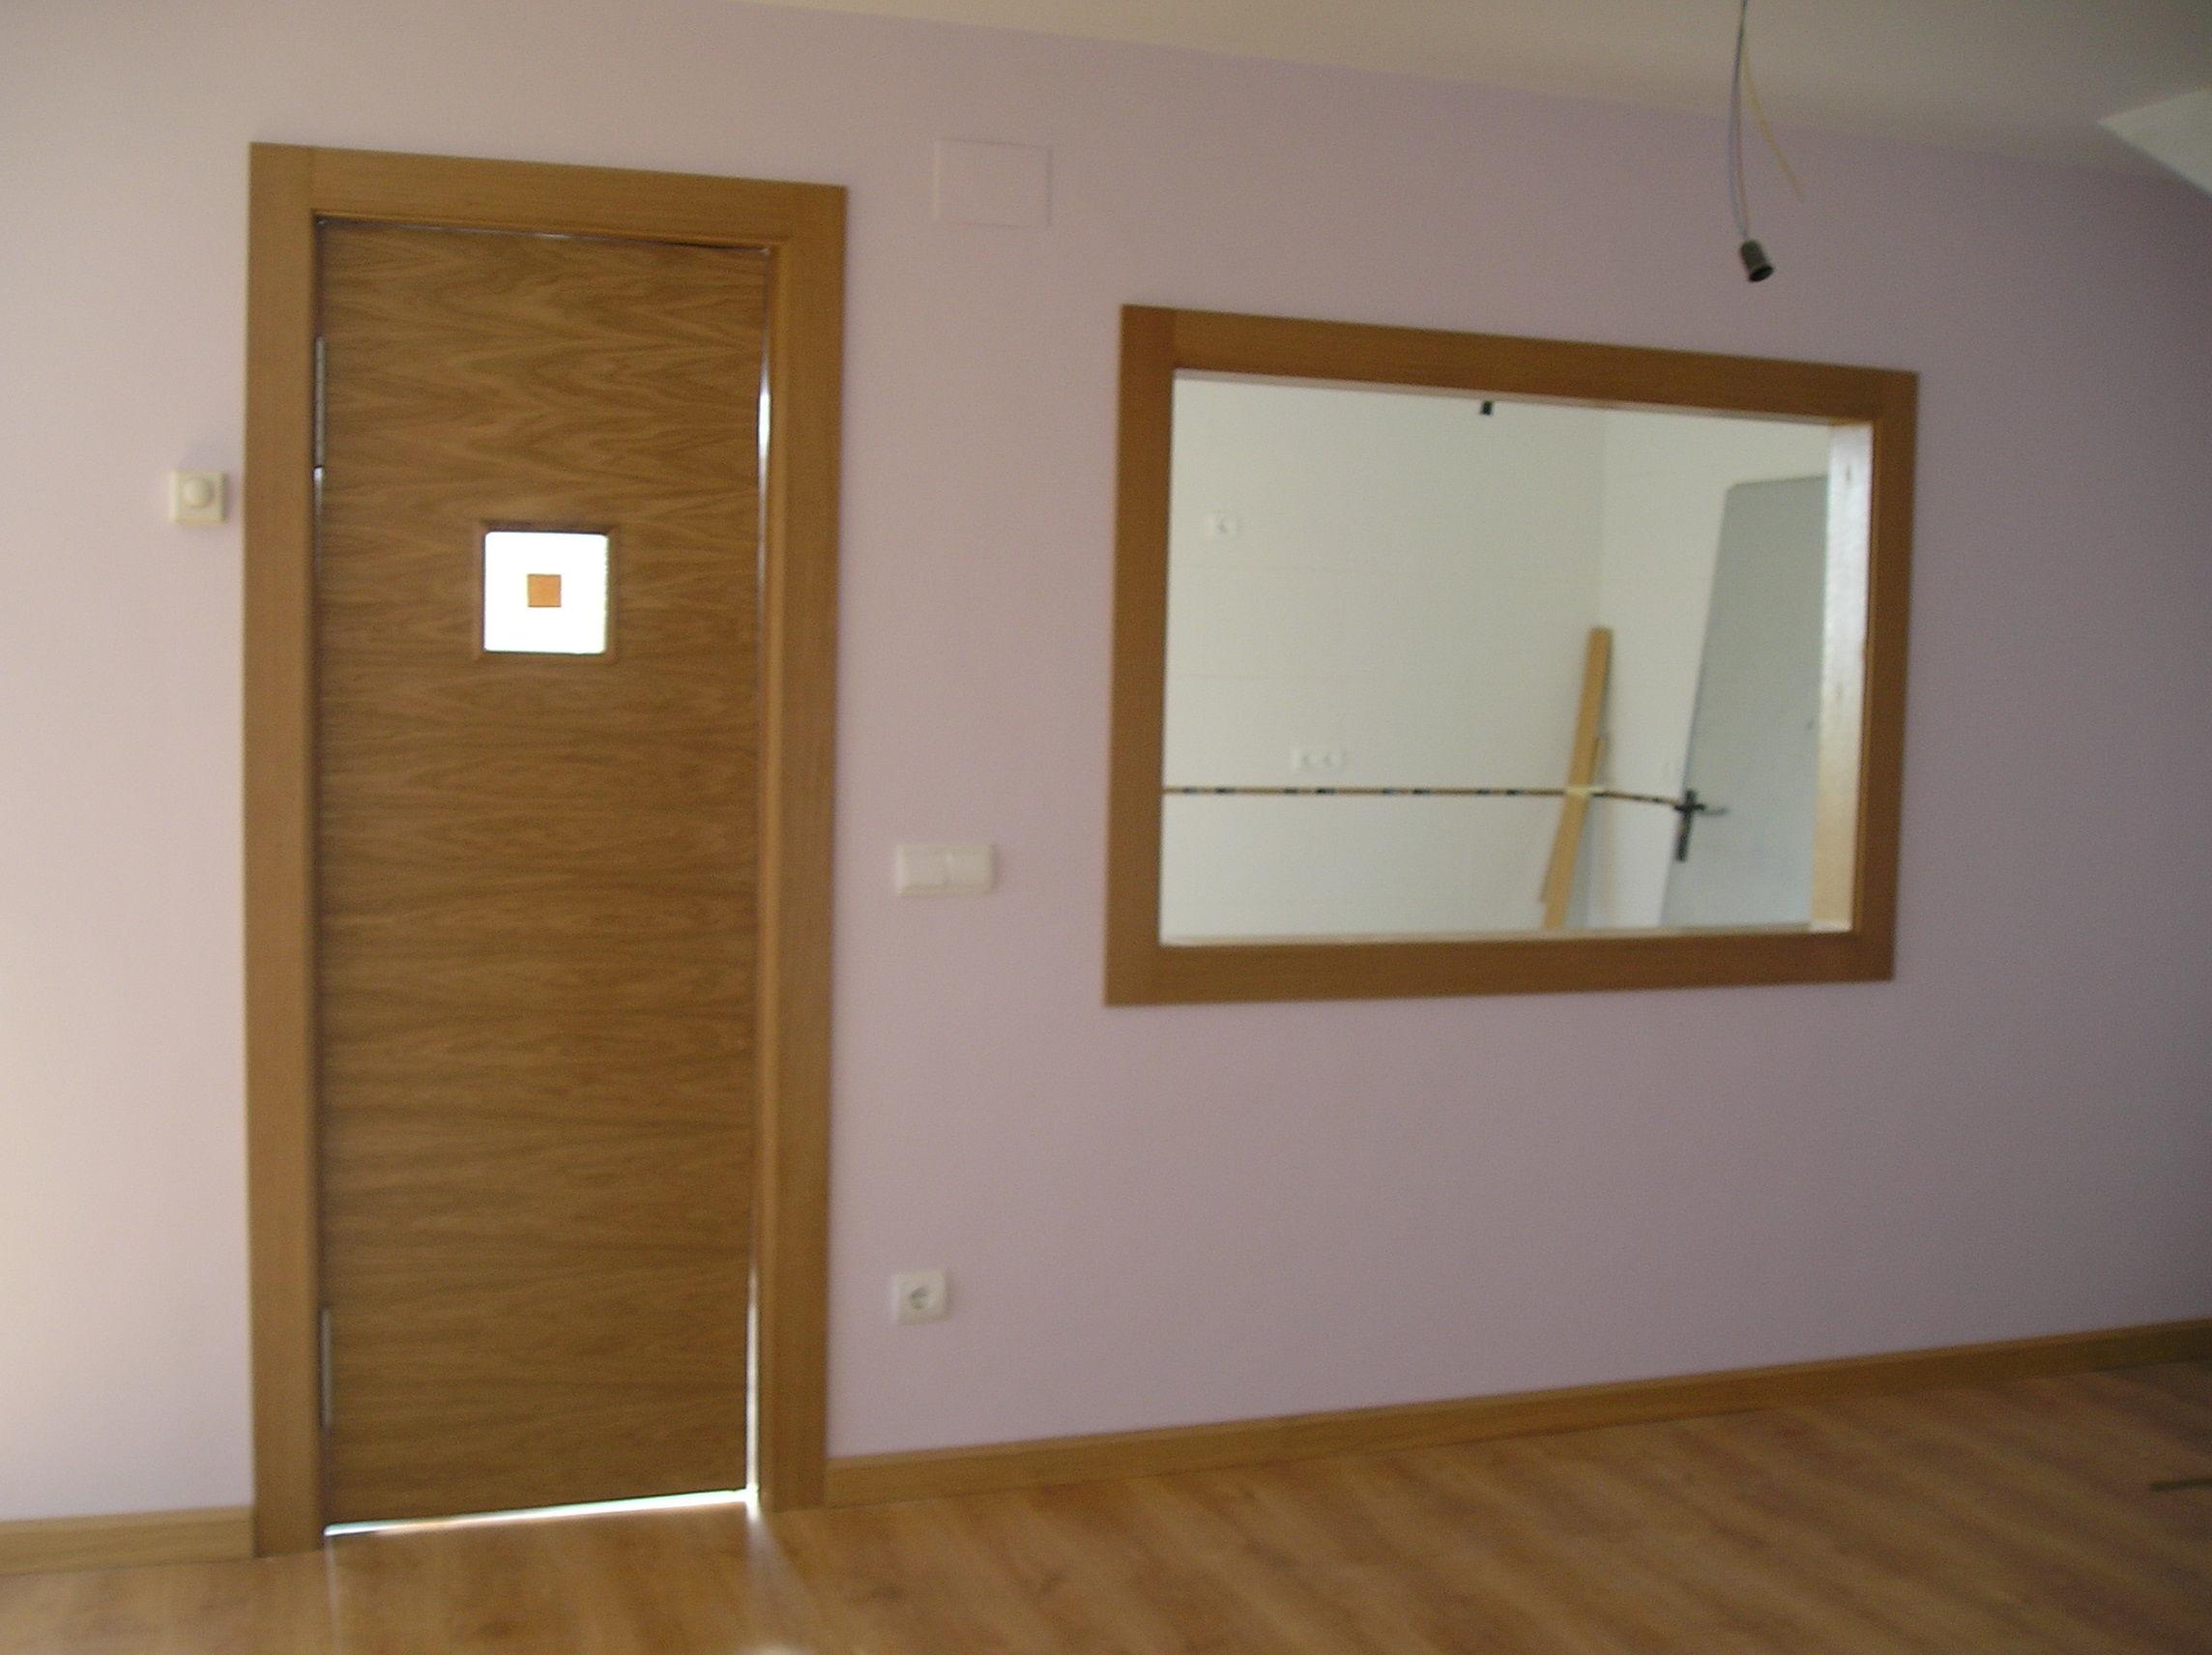 Foto 34 de armarios en ria o puertas y armarios videco - Puertas interior asturias ...